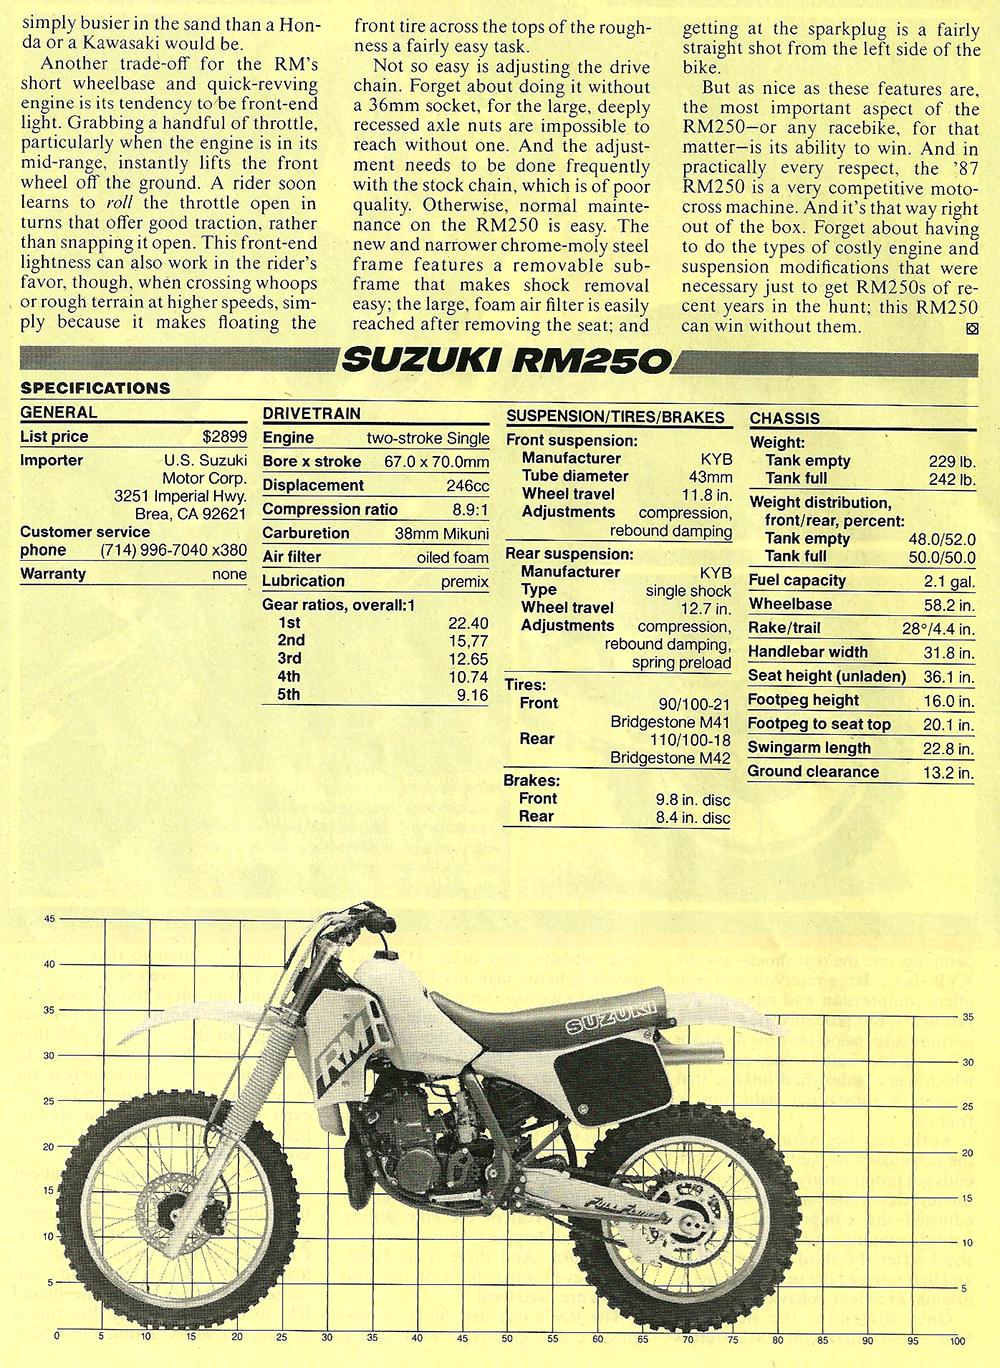 1987 Suzuki RM250 road test 05.jpg